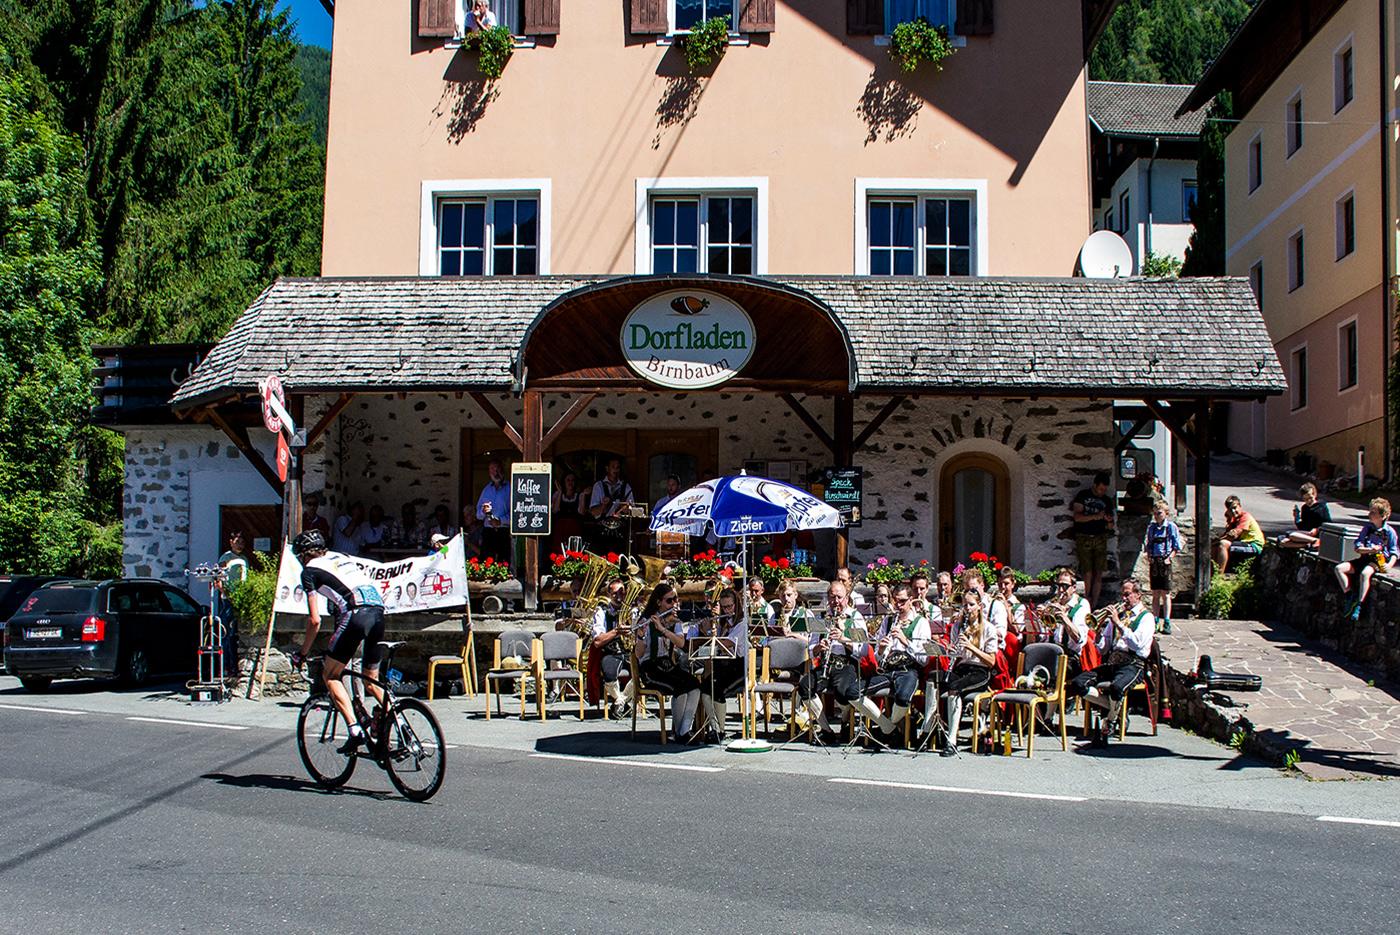 blaklimos.com - Zanier GmbH - Fahrradgeschft - Debant, Tirol